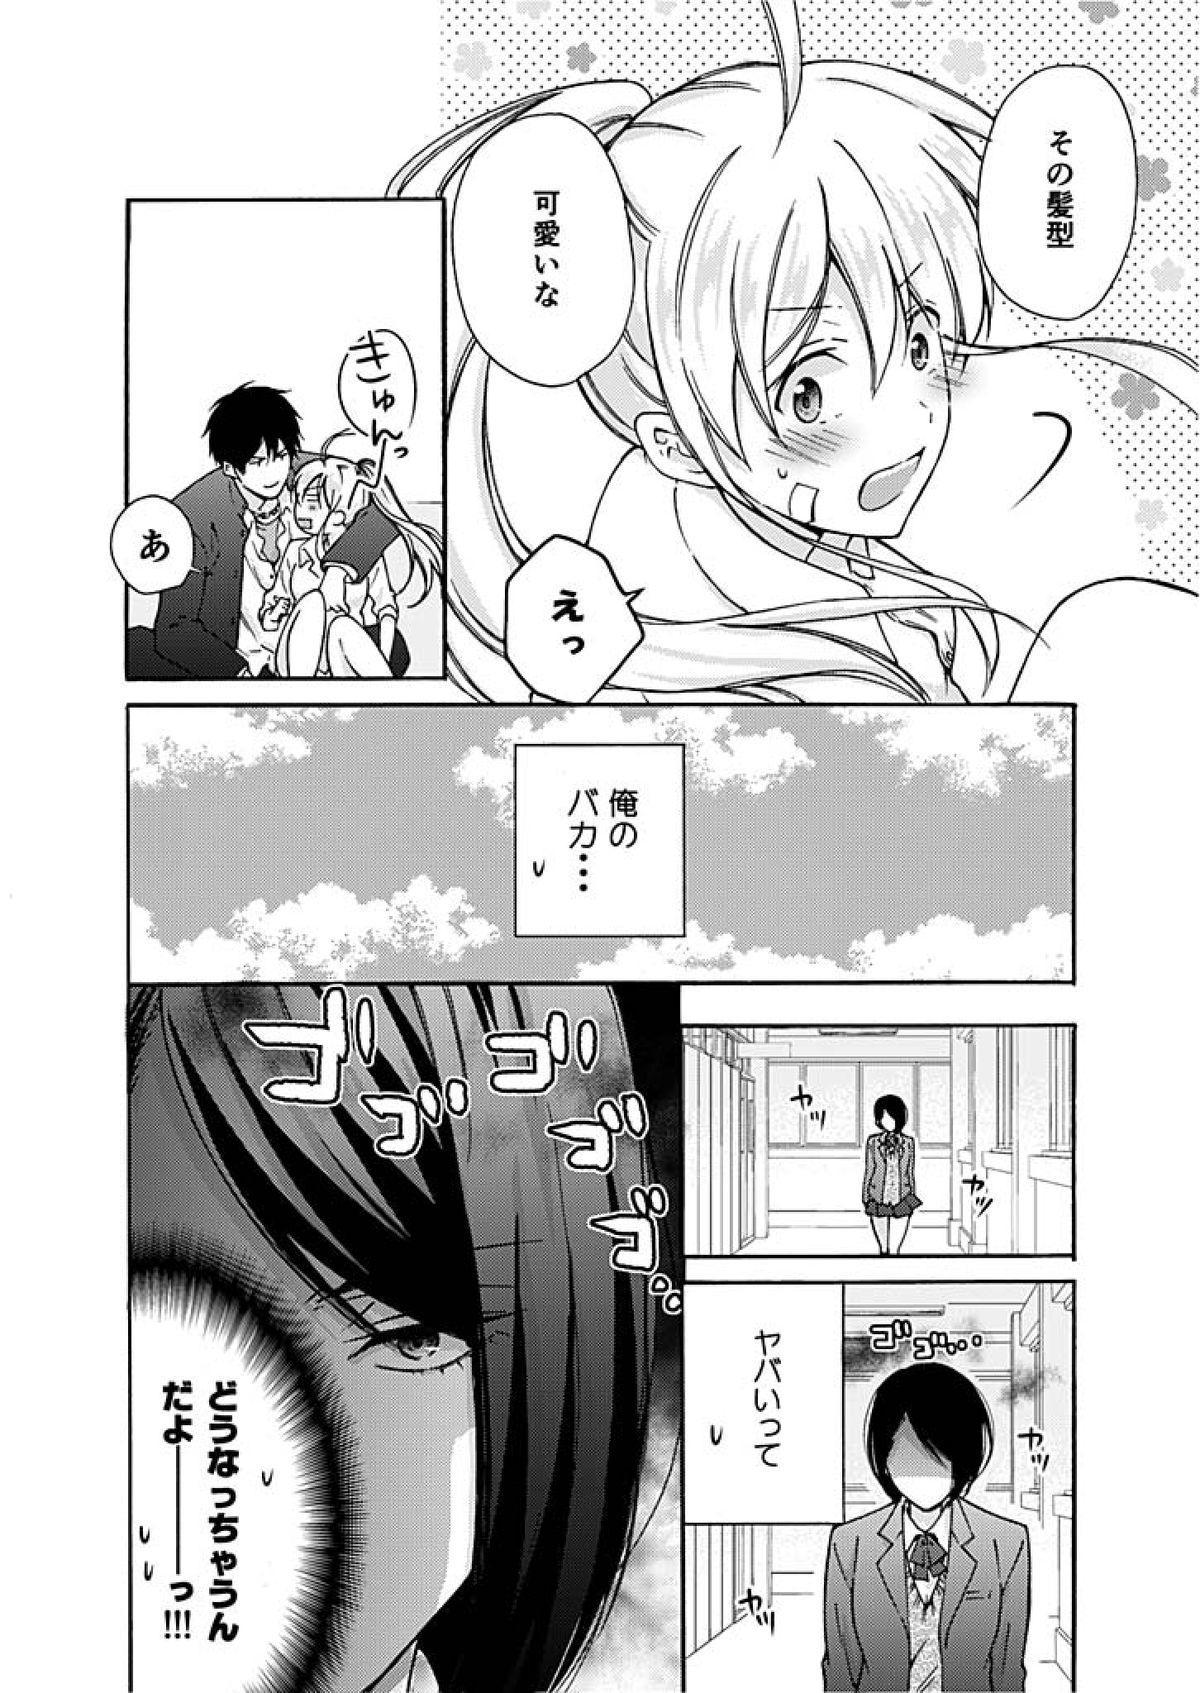 Nyotaika Yankee Gakuen ☆ Ore no Hajimete, Nerawaretemasu. 3 32